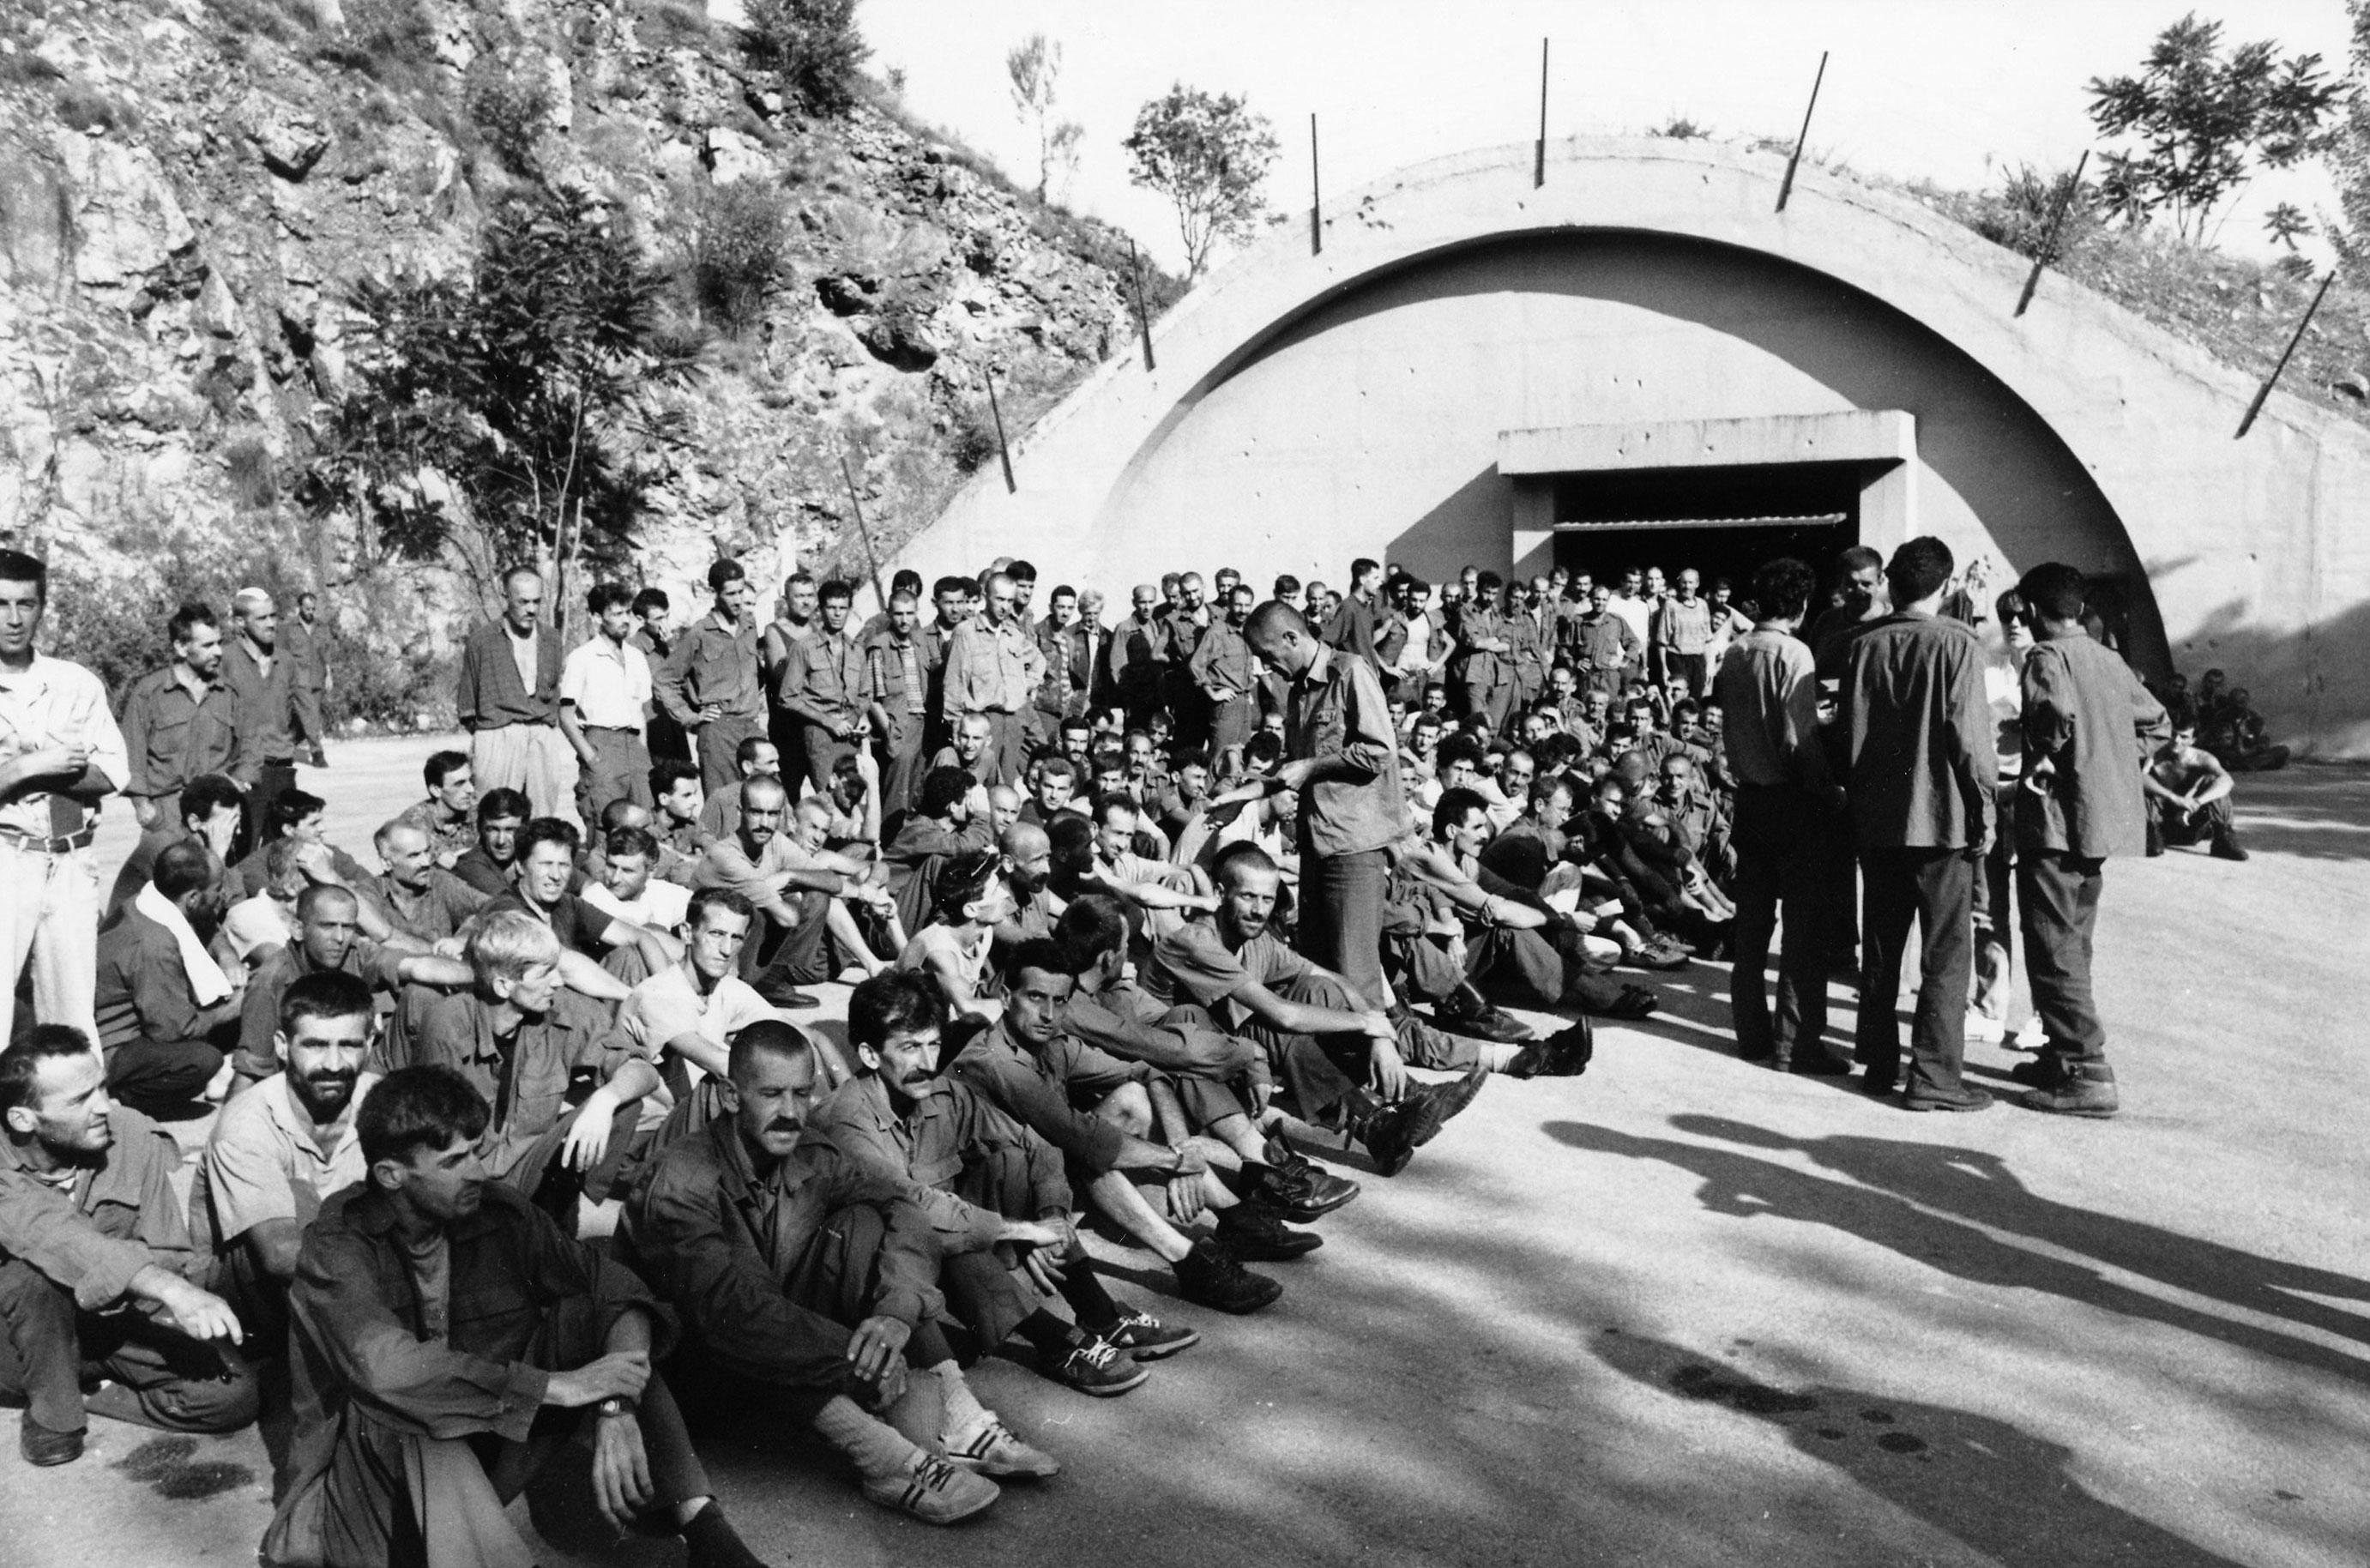 Manje okrutni stražari u Dretelju, svjedočio je Zijad Vujinović, otvorili bi im jednom na tjedan vrata da uđe malo zraka u usijani hangar bivše JNA u kojem su bili natrpani zarobljeni Muslimani